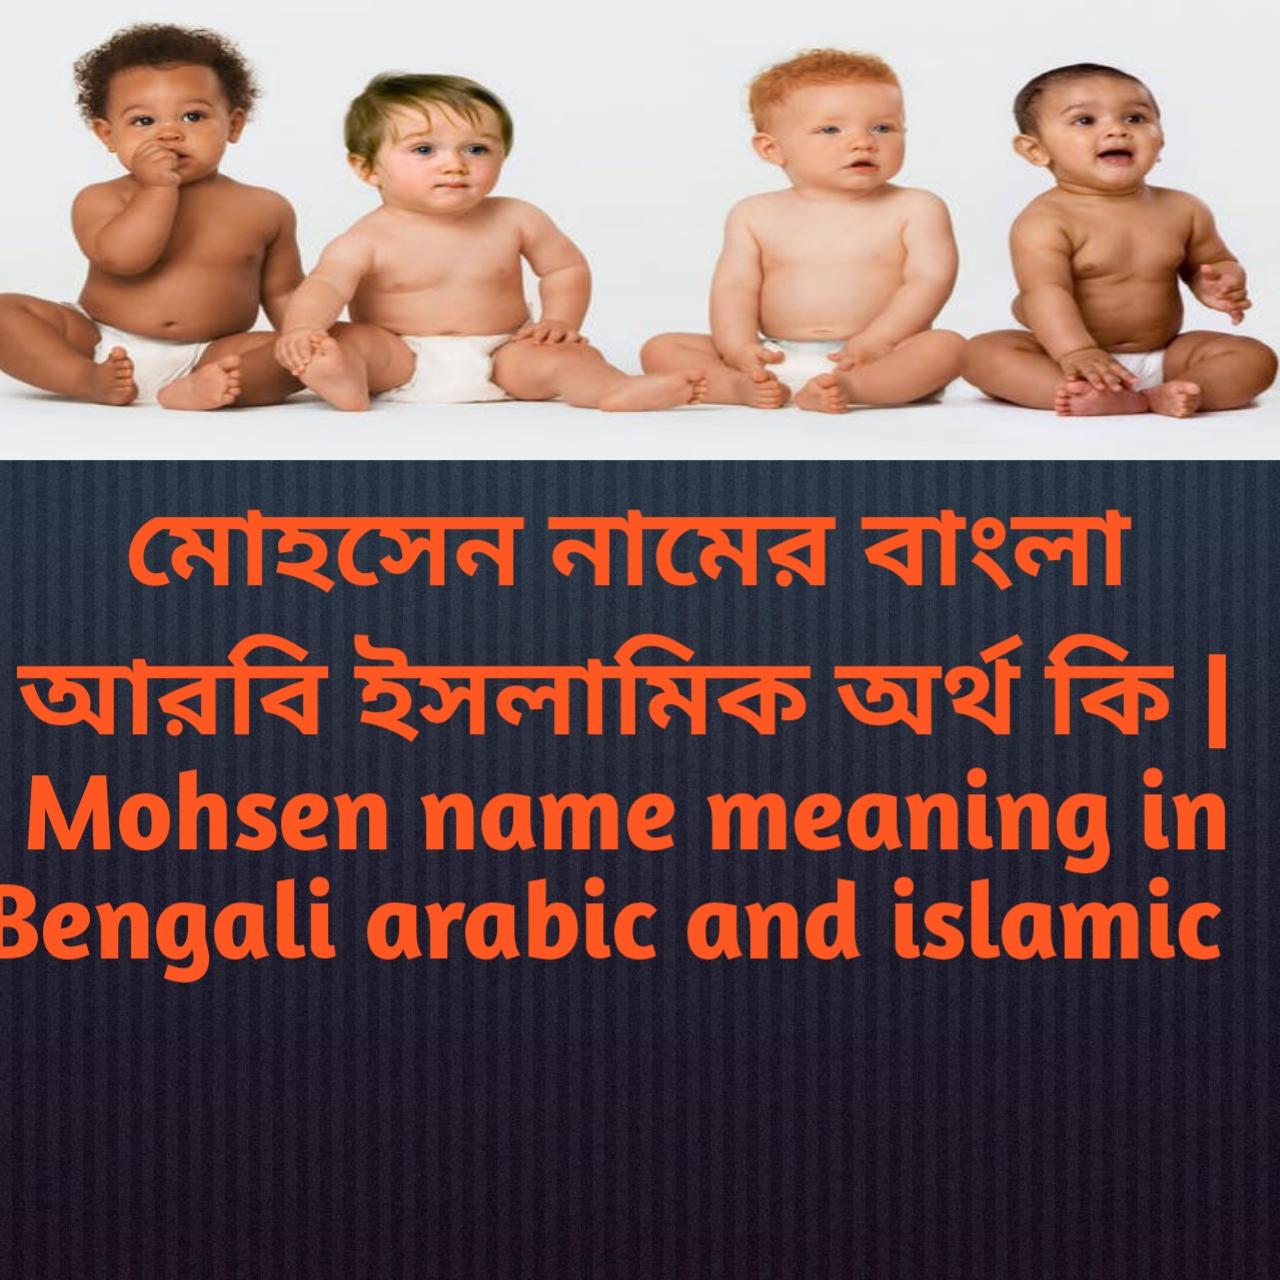 মোহসেন নামের অর্থ কি, মোহসেন নামের বাংলা অর্থ কি, মোহসেন নামের ইসলামিক অর্থ কি, Mohsen name meaning in Bengali, মোহসেন কি ইসলামিক নাম,